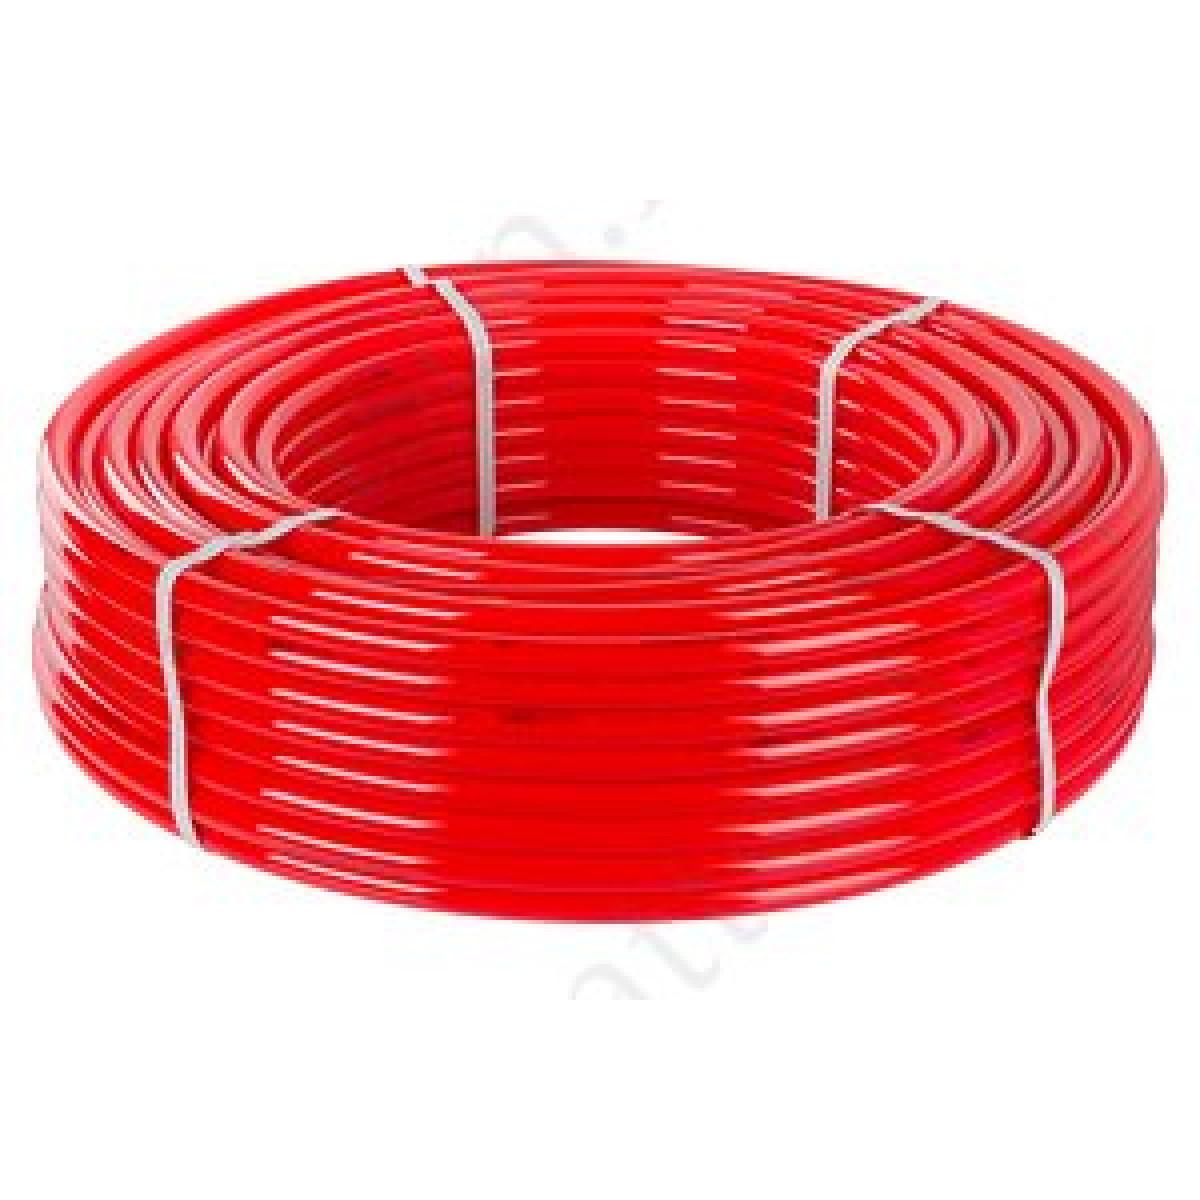 Труба для теплого пола сшитый полиэтилен или металлопластик для теплого пола